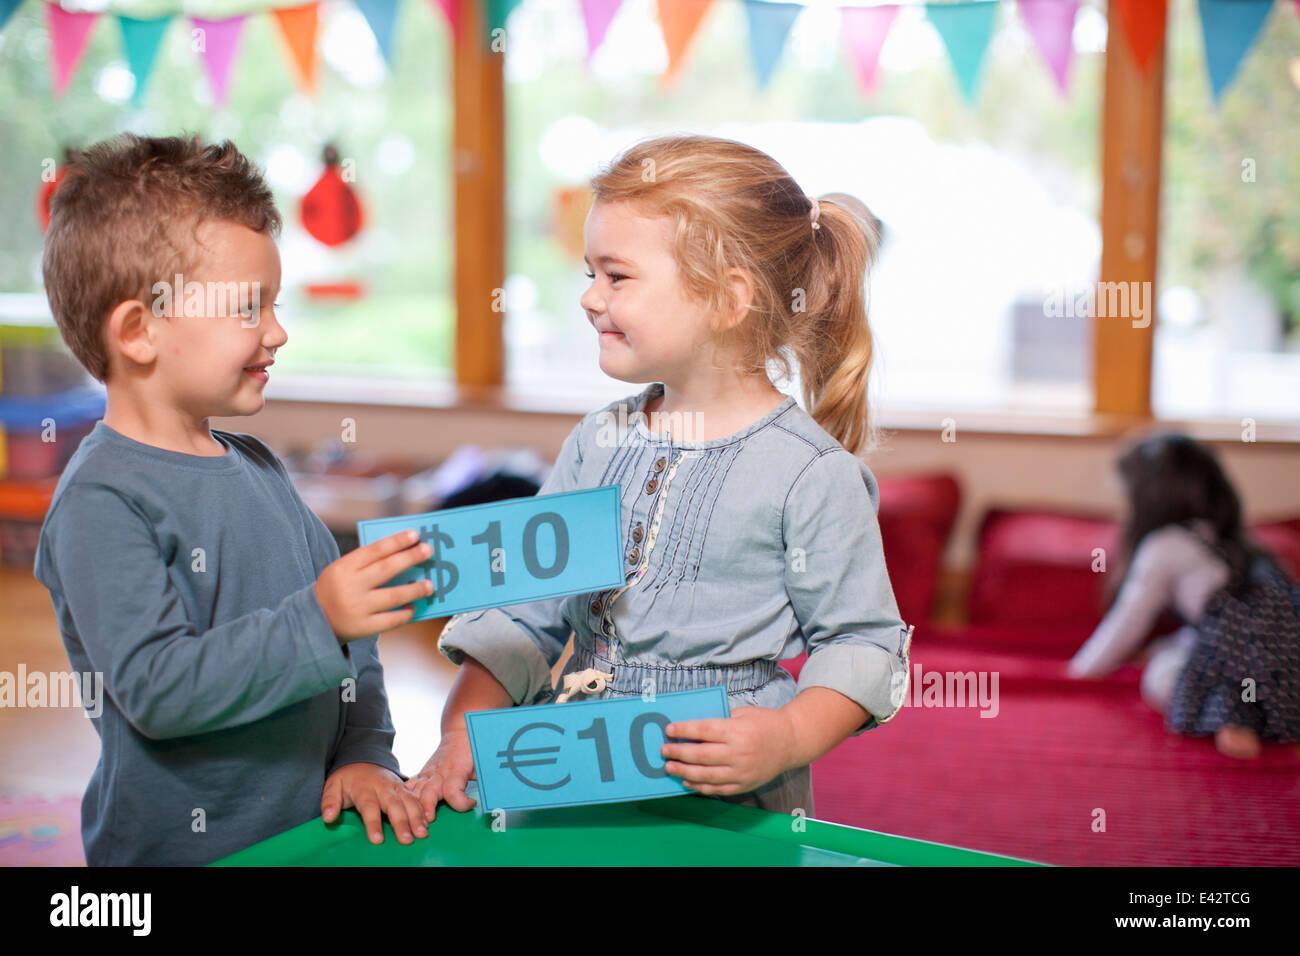 Garçon et fille euro comptage service à l'école maternelle Banque D'Images